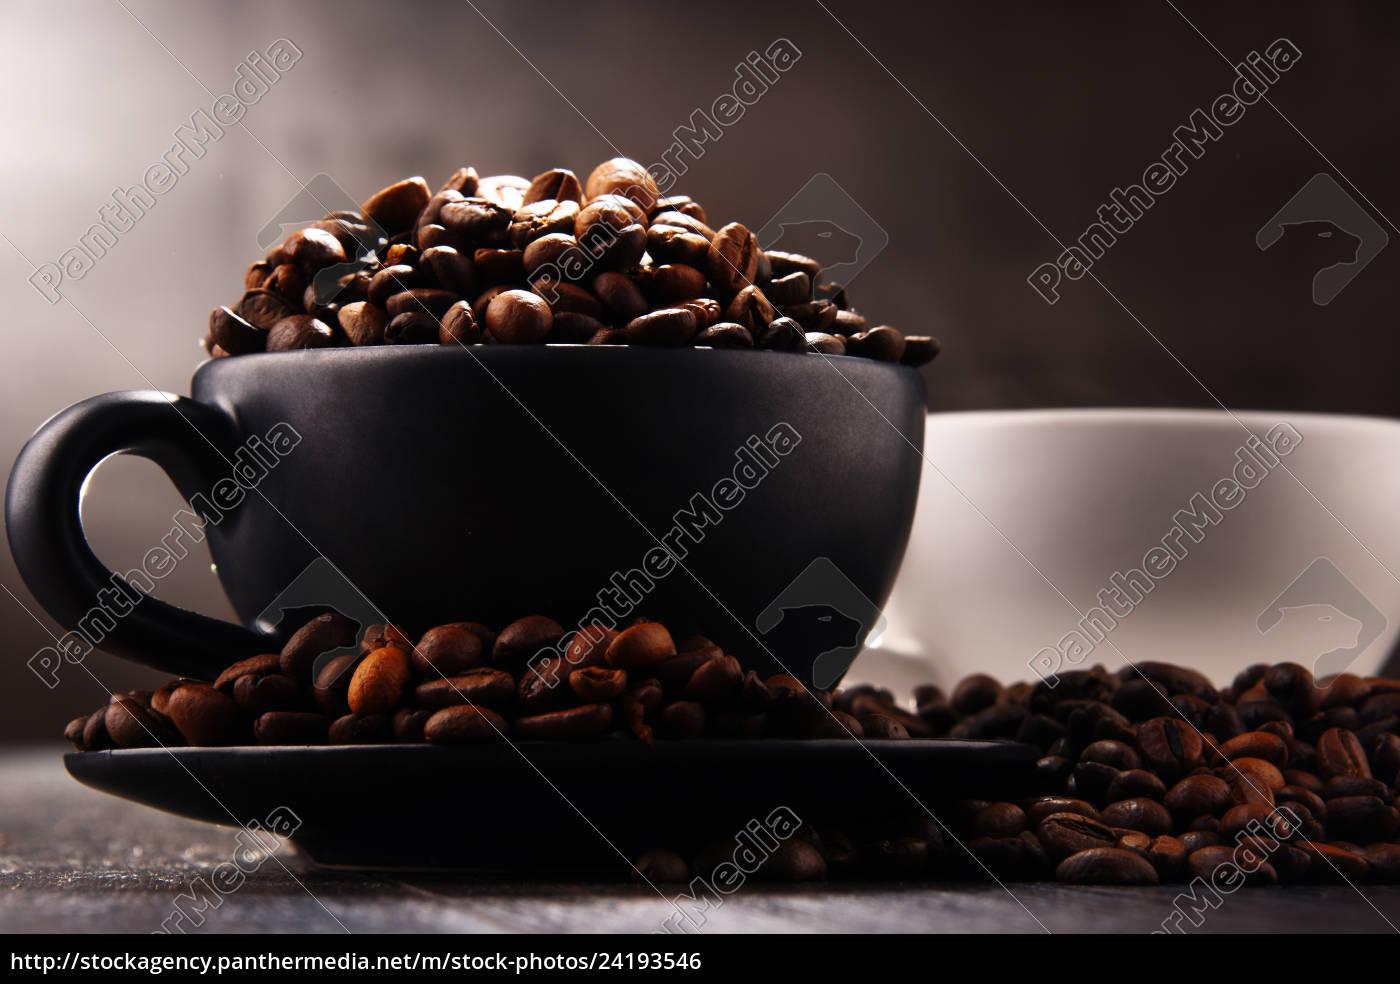 composición, con, dos, tazas, de, café - 24193546